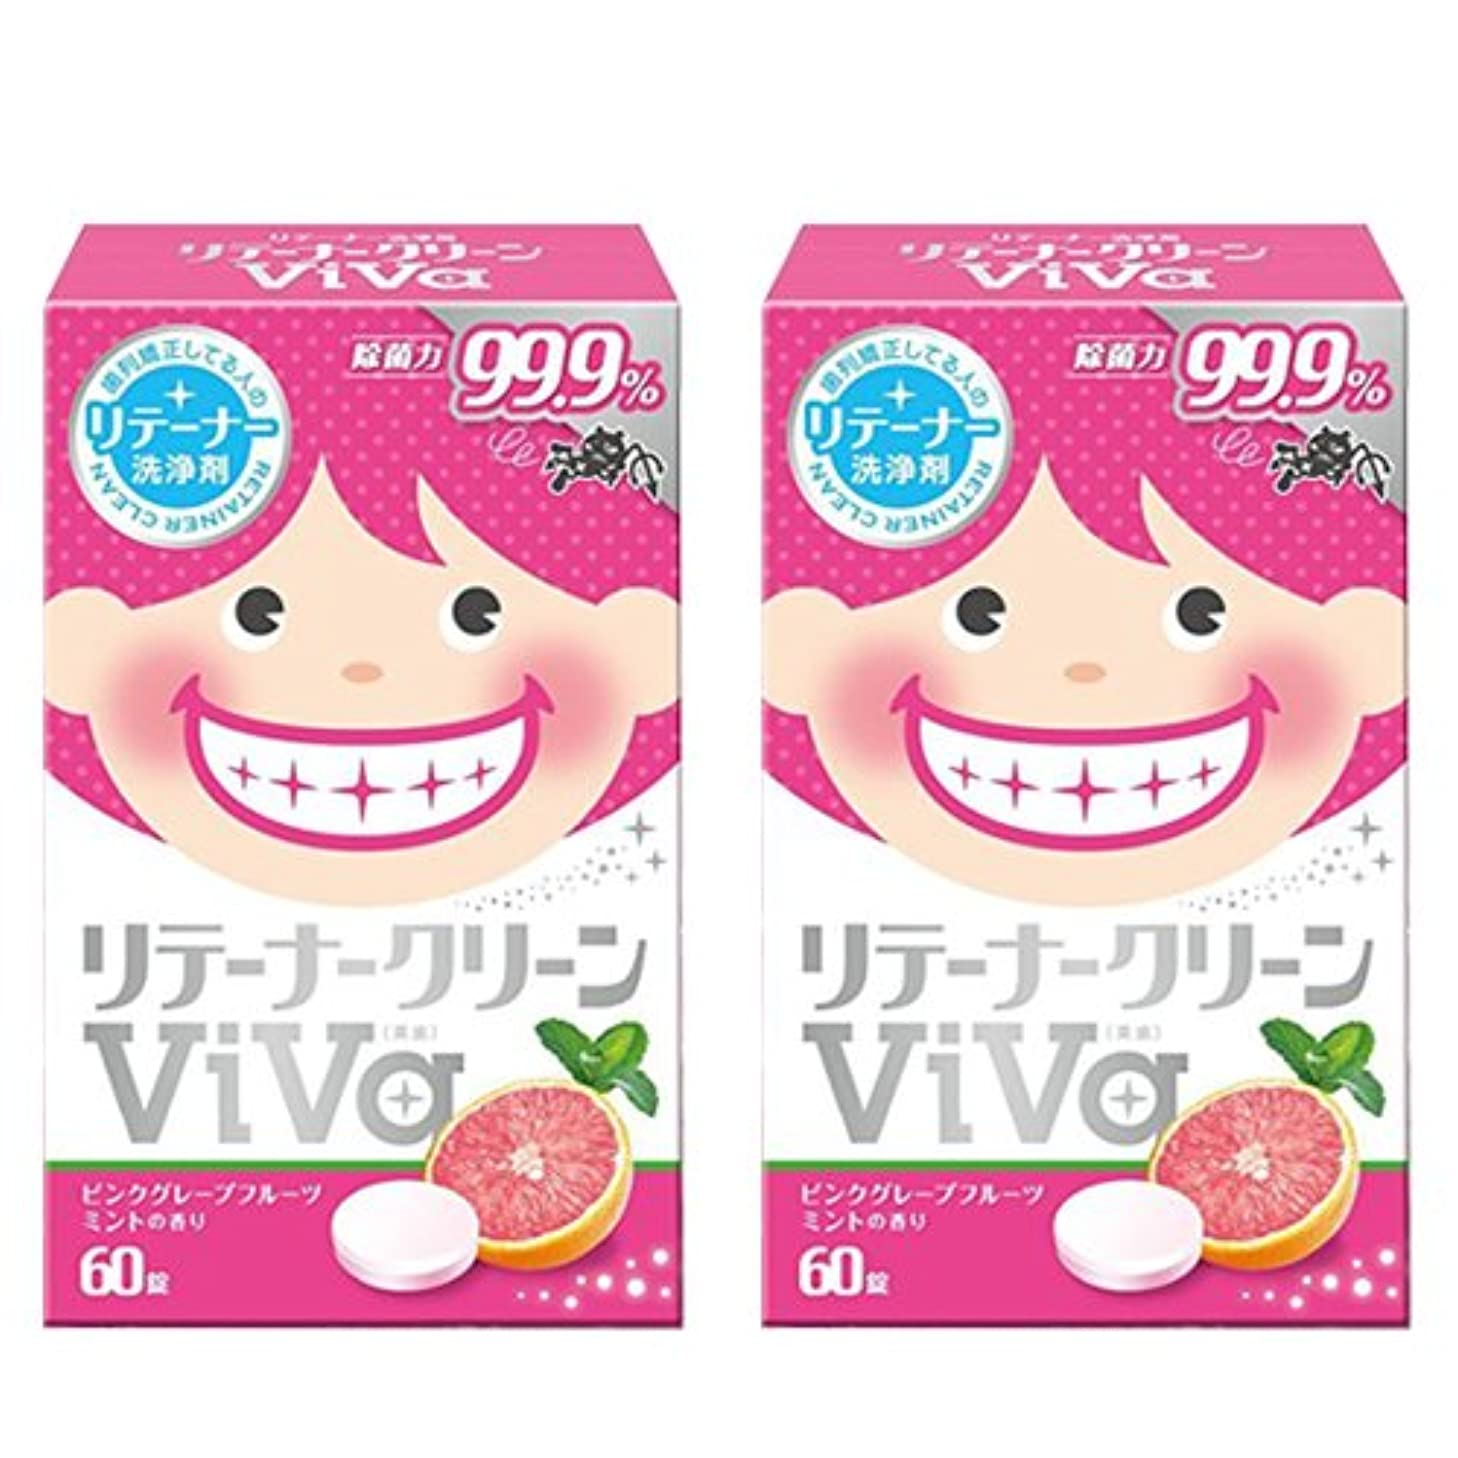 ロードハウス彼らのスコアリテーナークリーン ViVa 60錠 歯列矯正している人のリテーナー洗浄剤 (2箱)